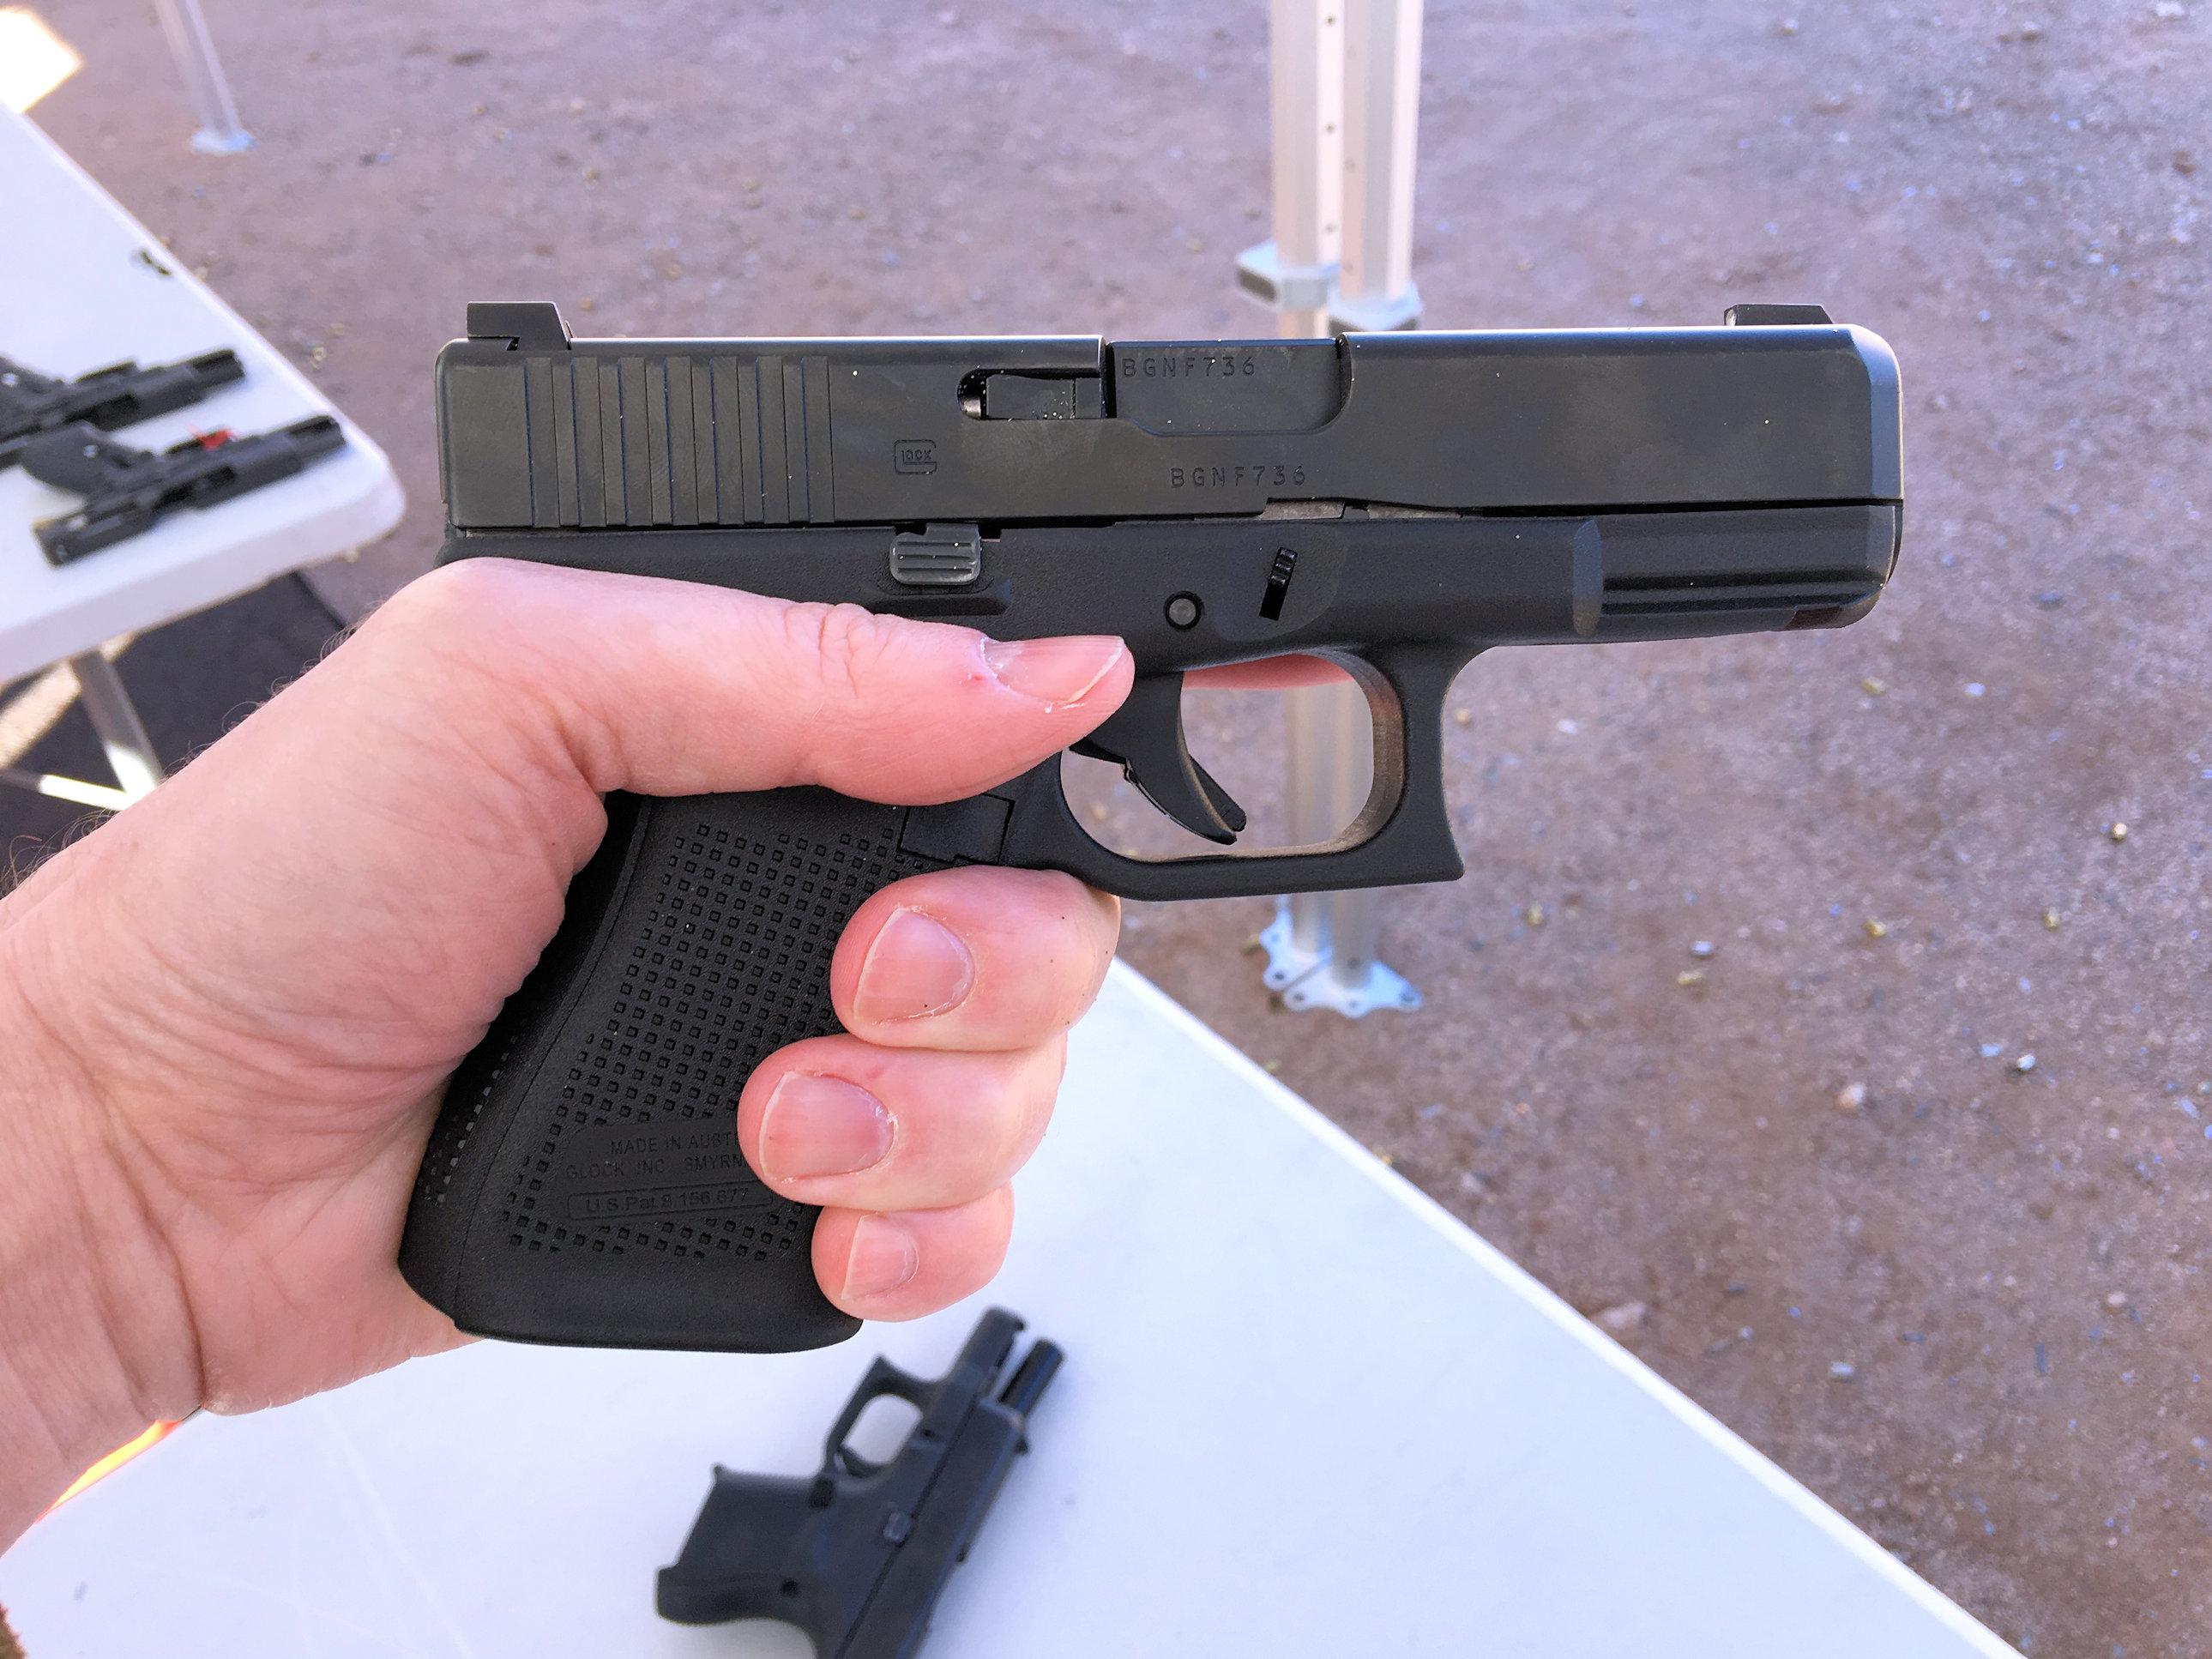 Glock 19X (G19X), Glock 19 (G19) Gen5, Glock 17 (G17) Gen5